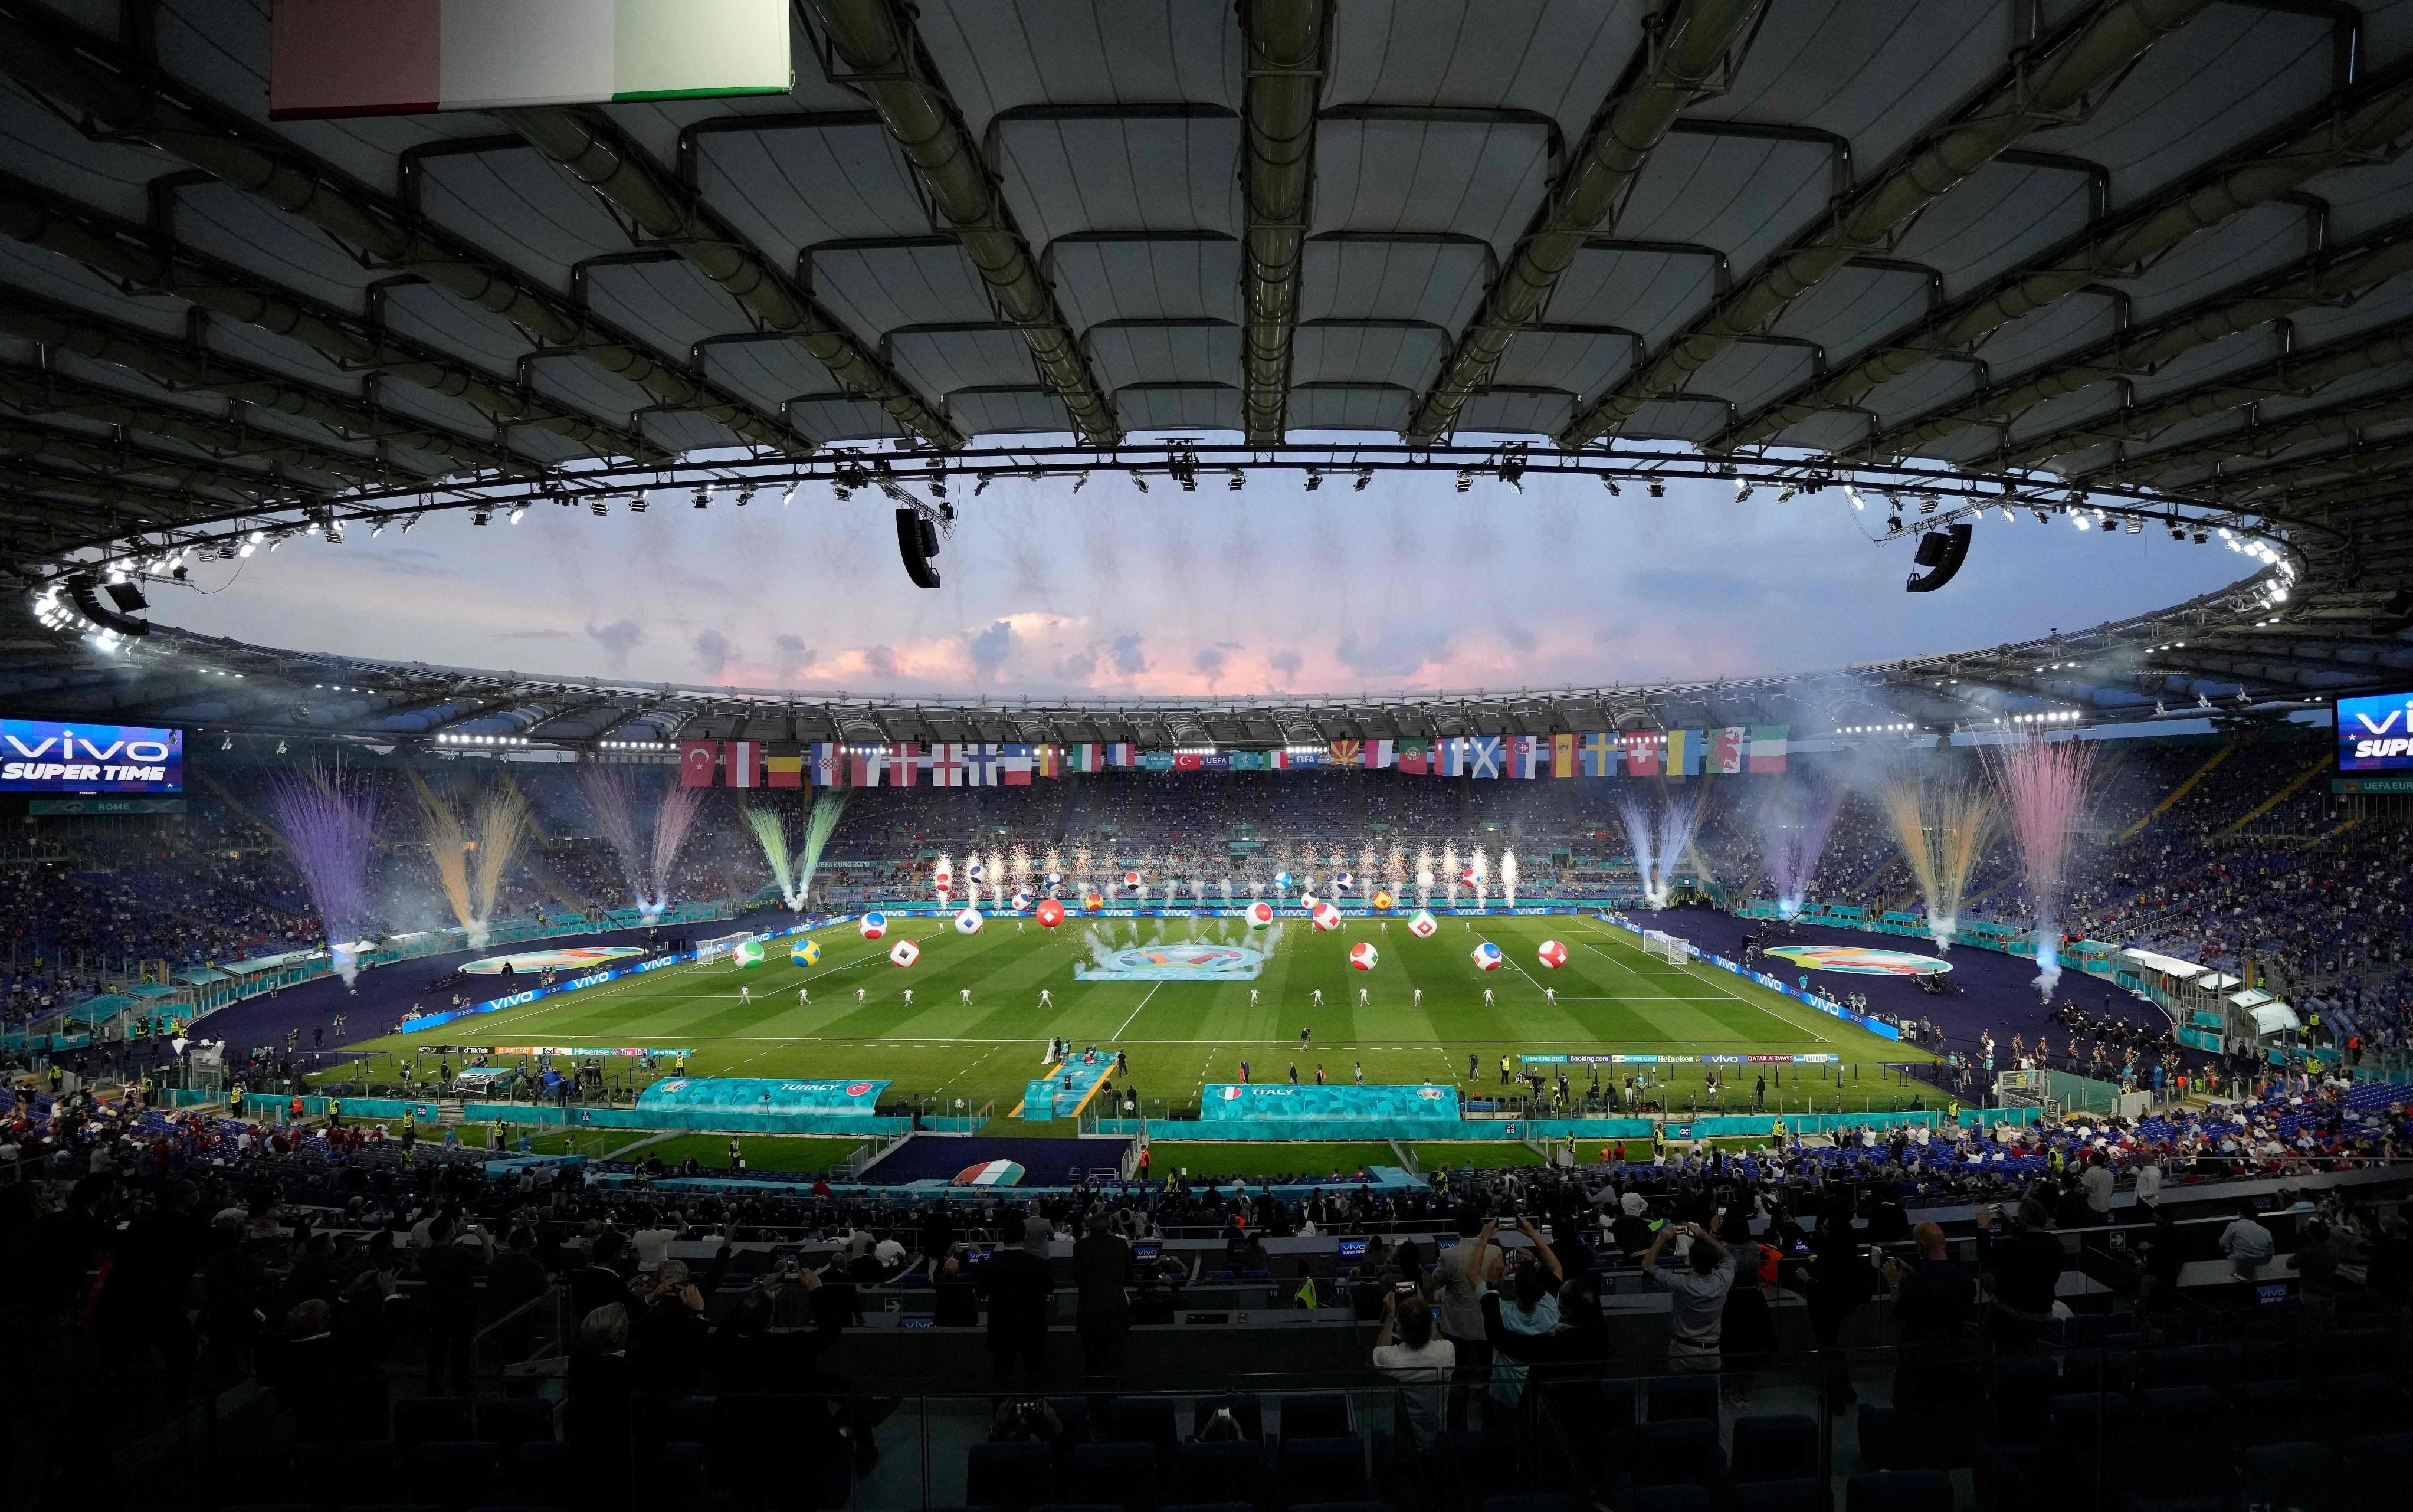 1400032123244799229553810 - مراسم افتتاحیه یورو 2020 مختصر و مفید برگزار شد + عکس